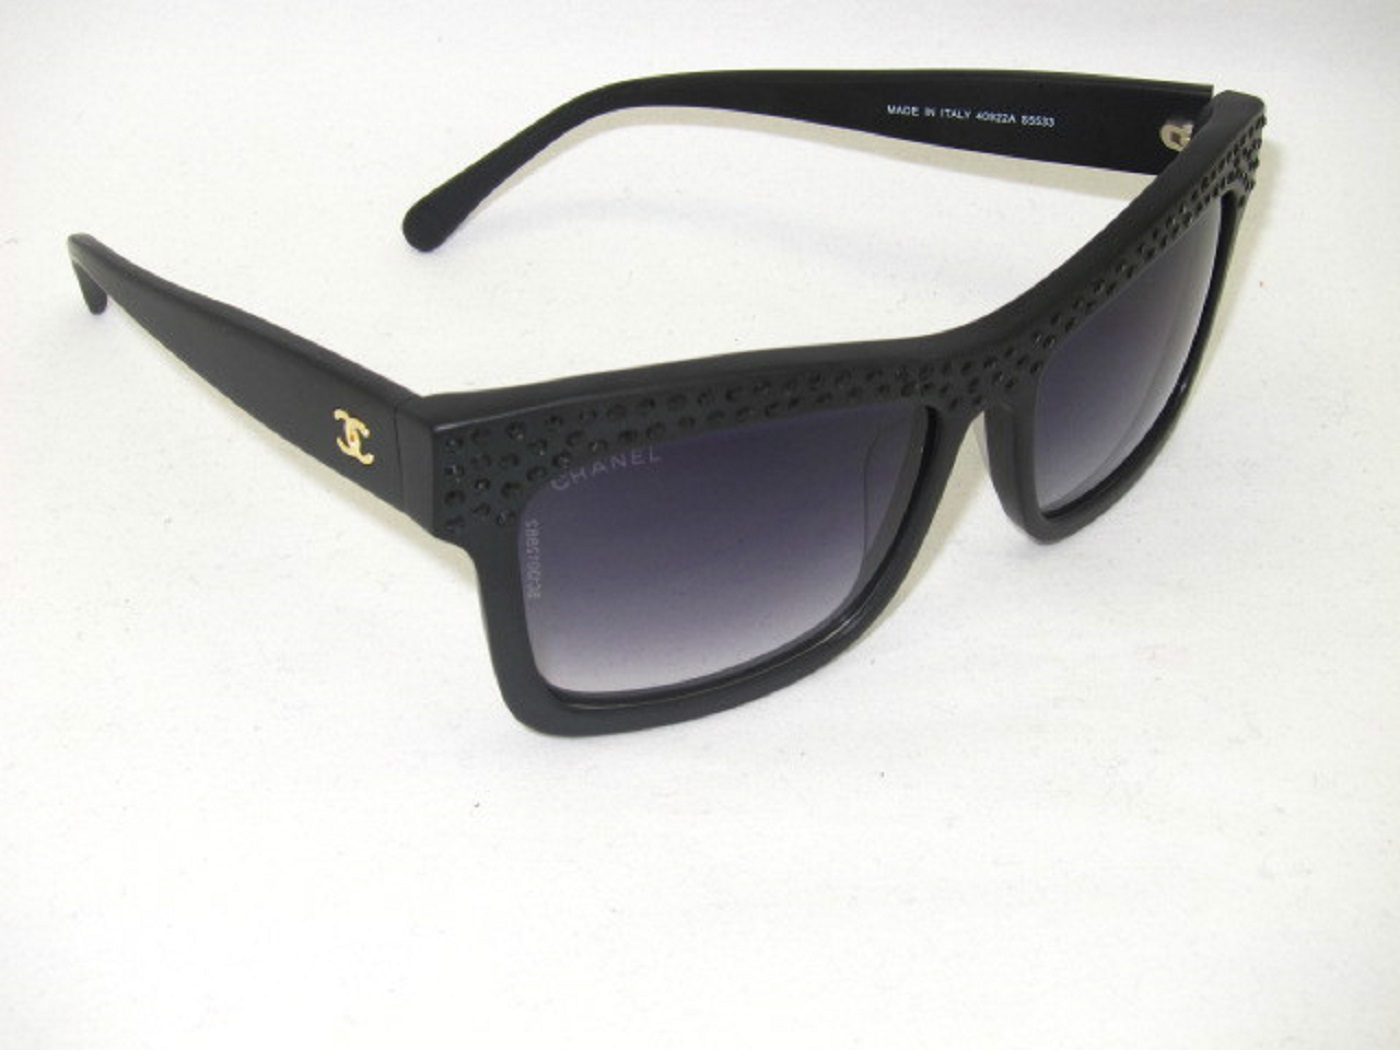 Consigli per riconoscere gli occhiali da sole Chanel - check the lenses